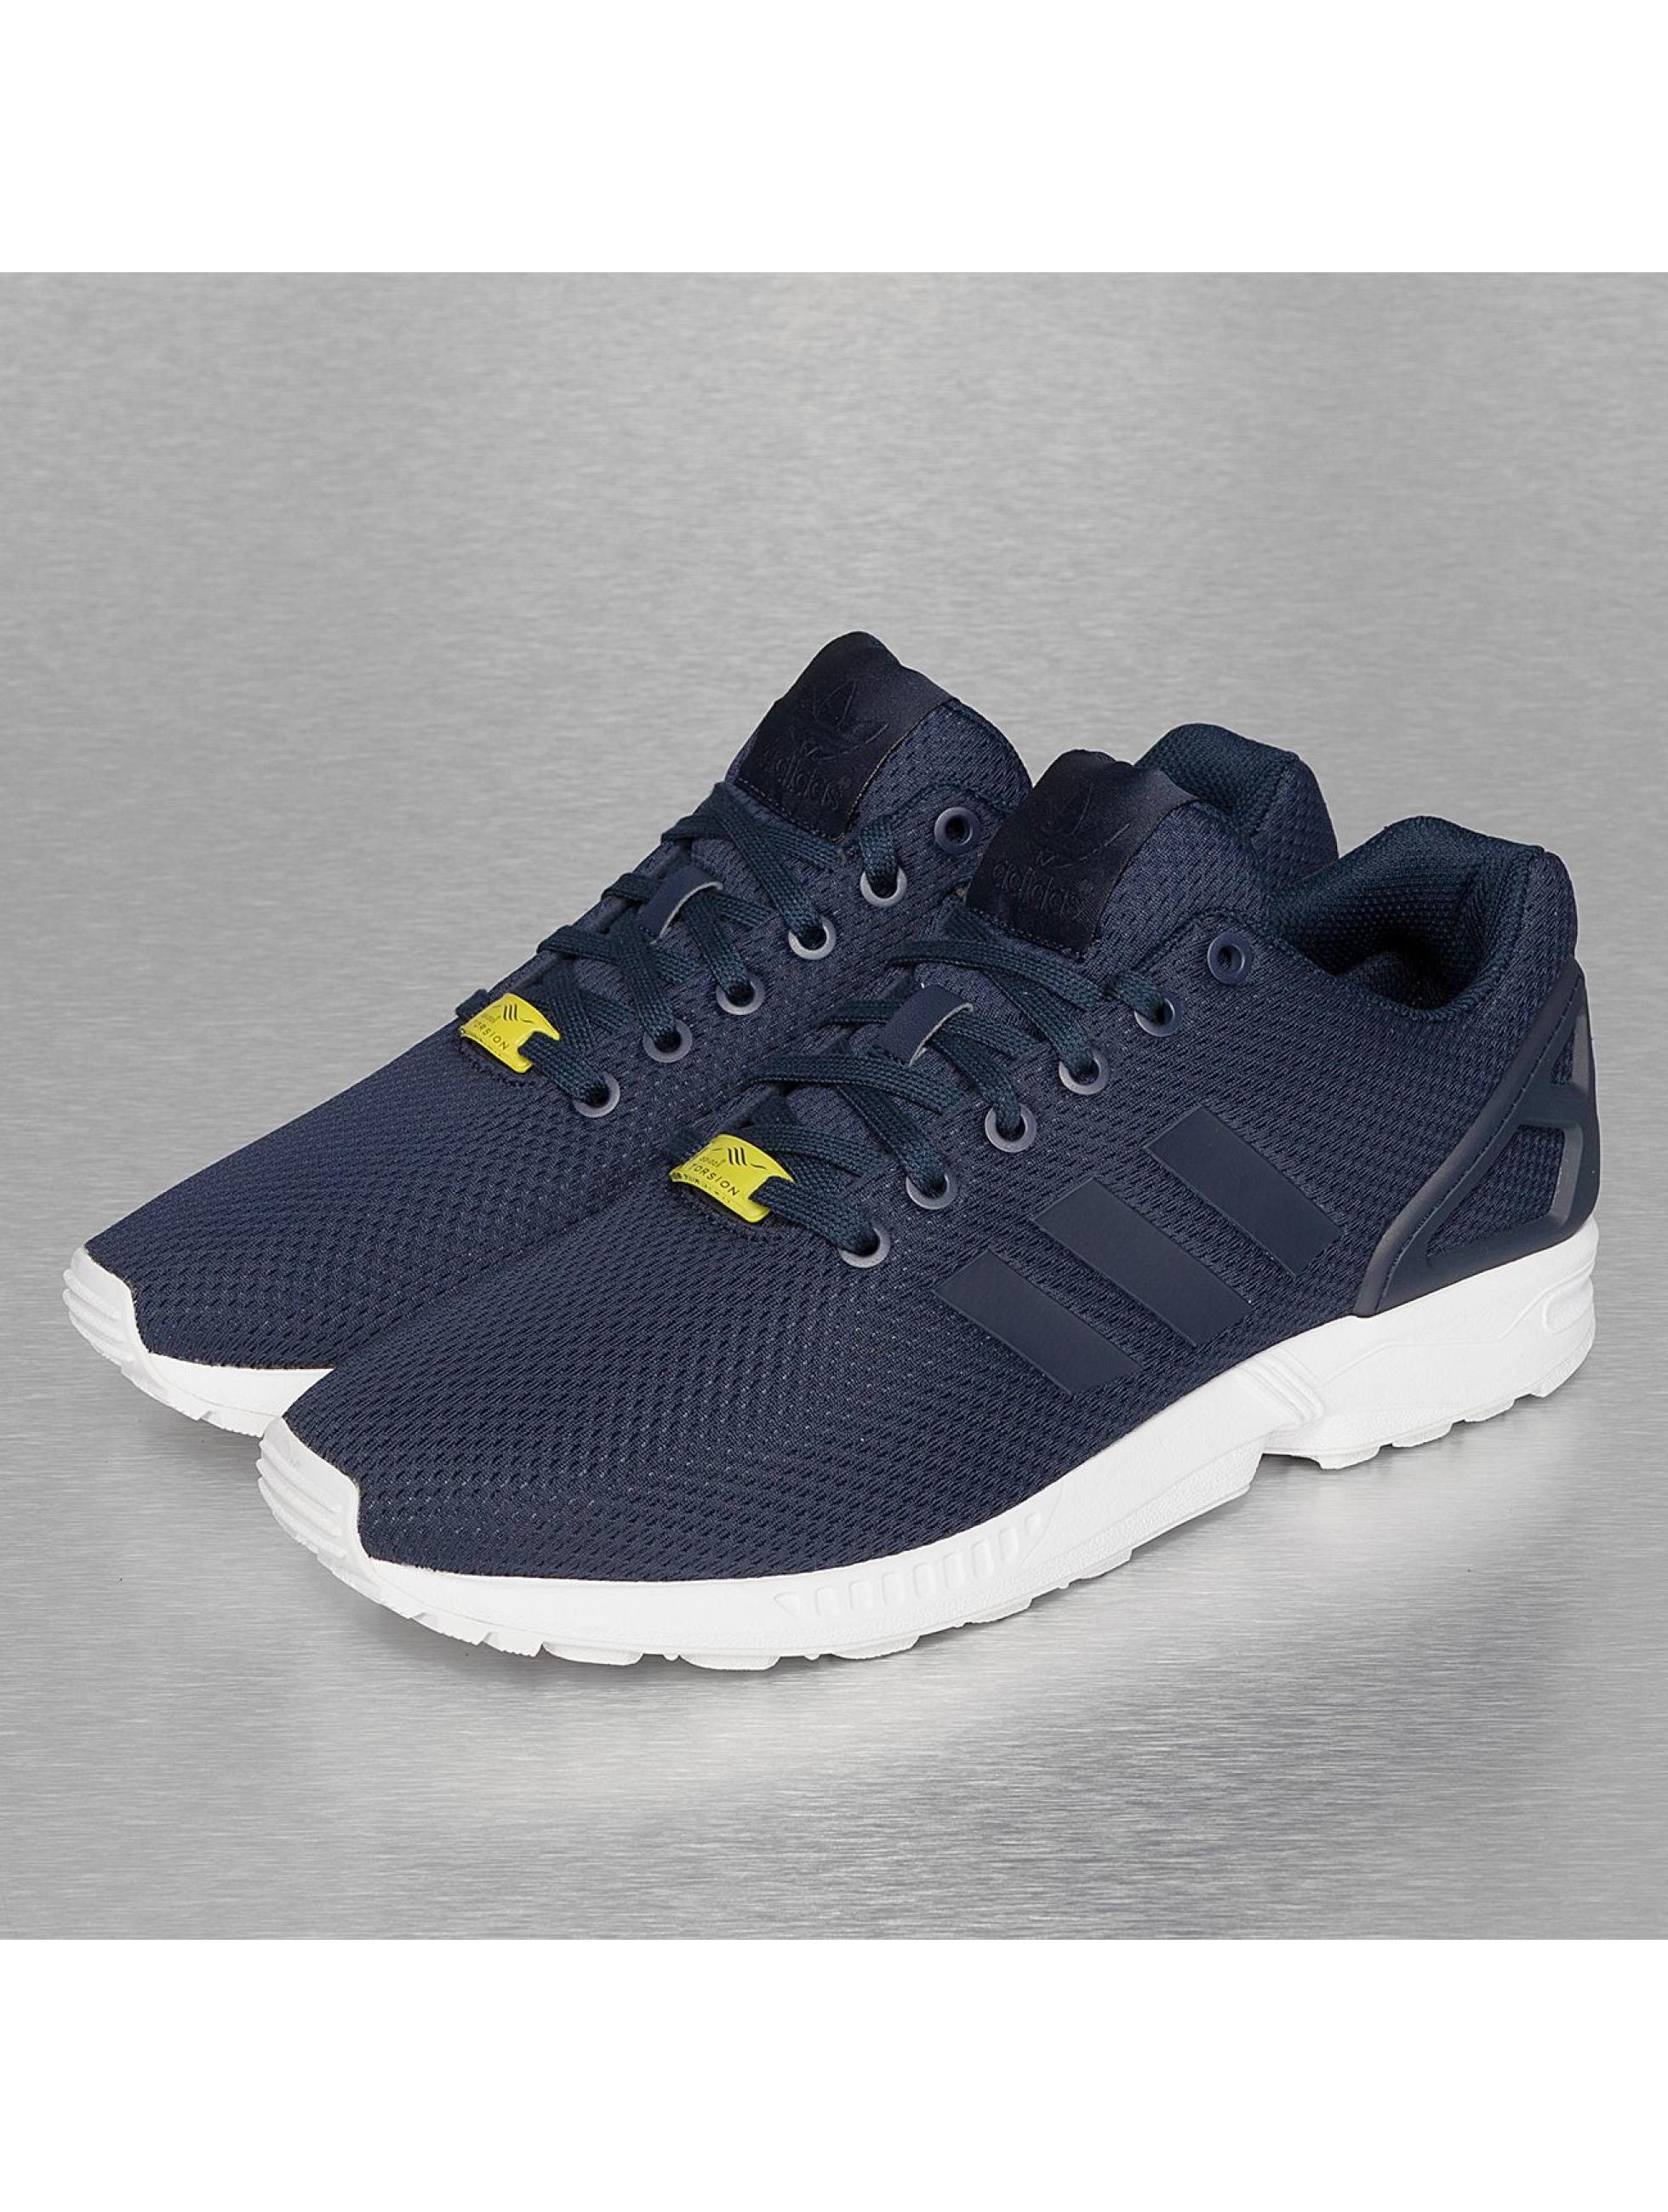 adidas chaussures / baskets zx flux en bleu